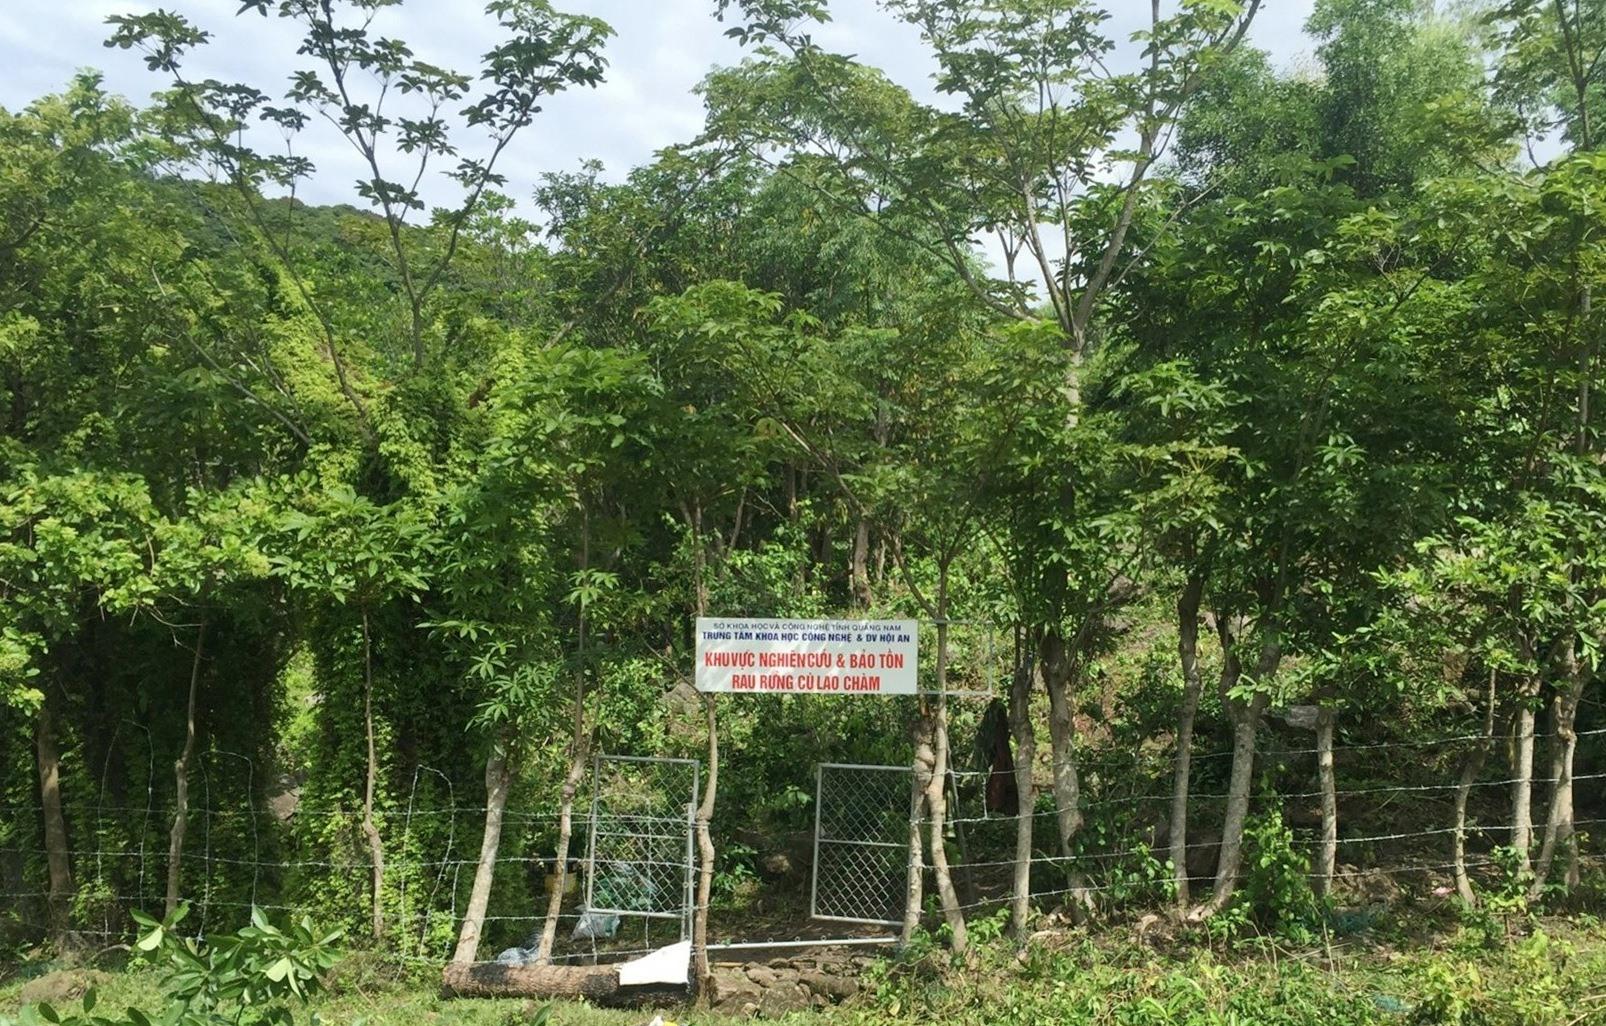 Khu vực nghiên cứu, bảo tồn các loài rau rừng Cù Lao Chàm. Ảnh: HOÀNG LIÊN